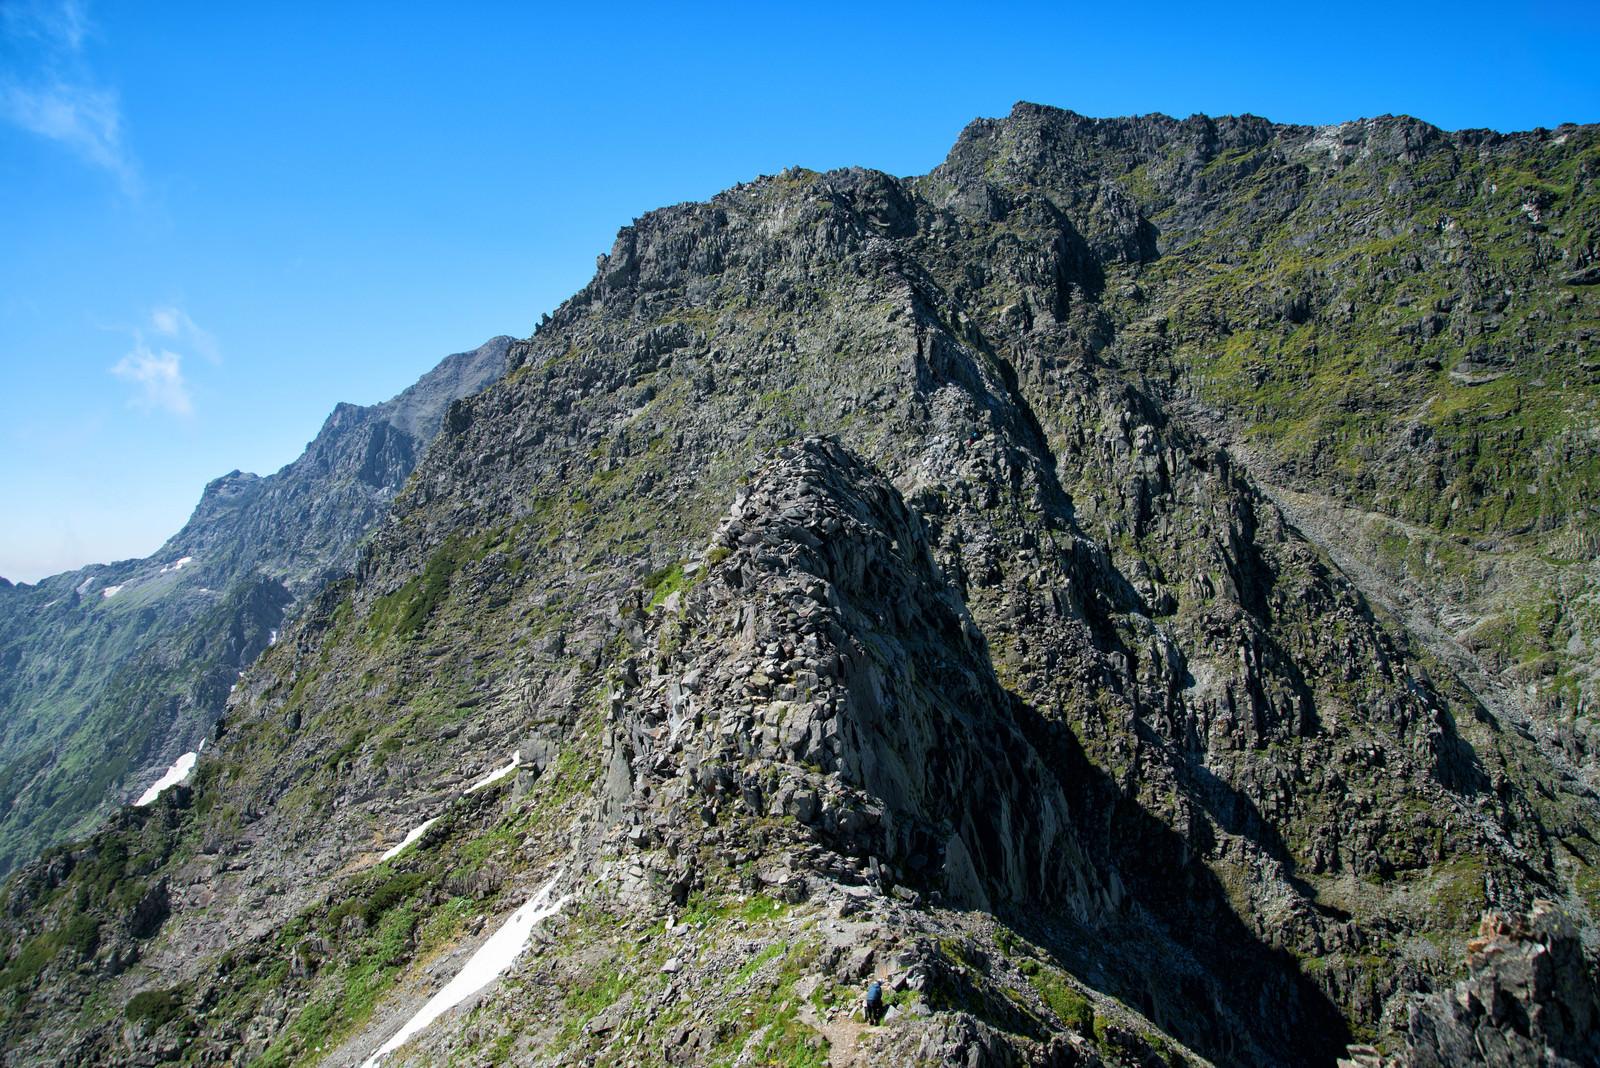 「涸沢槍への険しい登山道」の写真